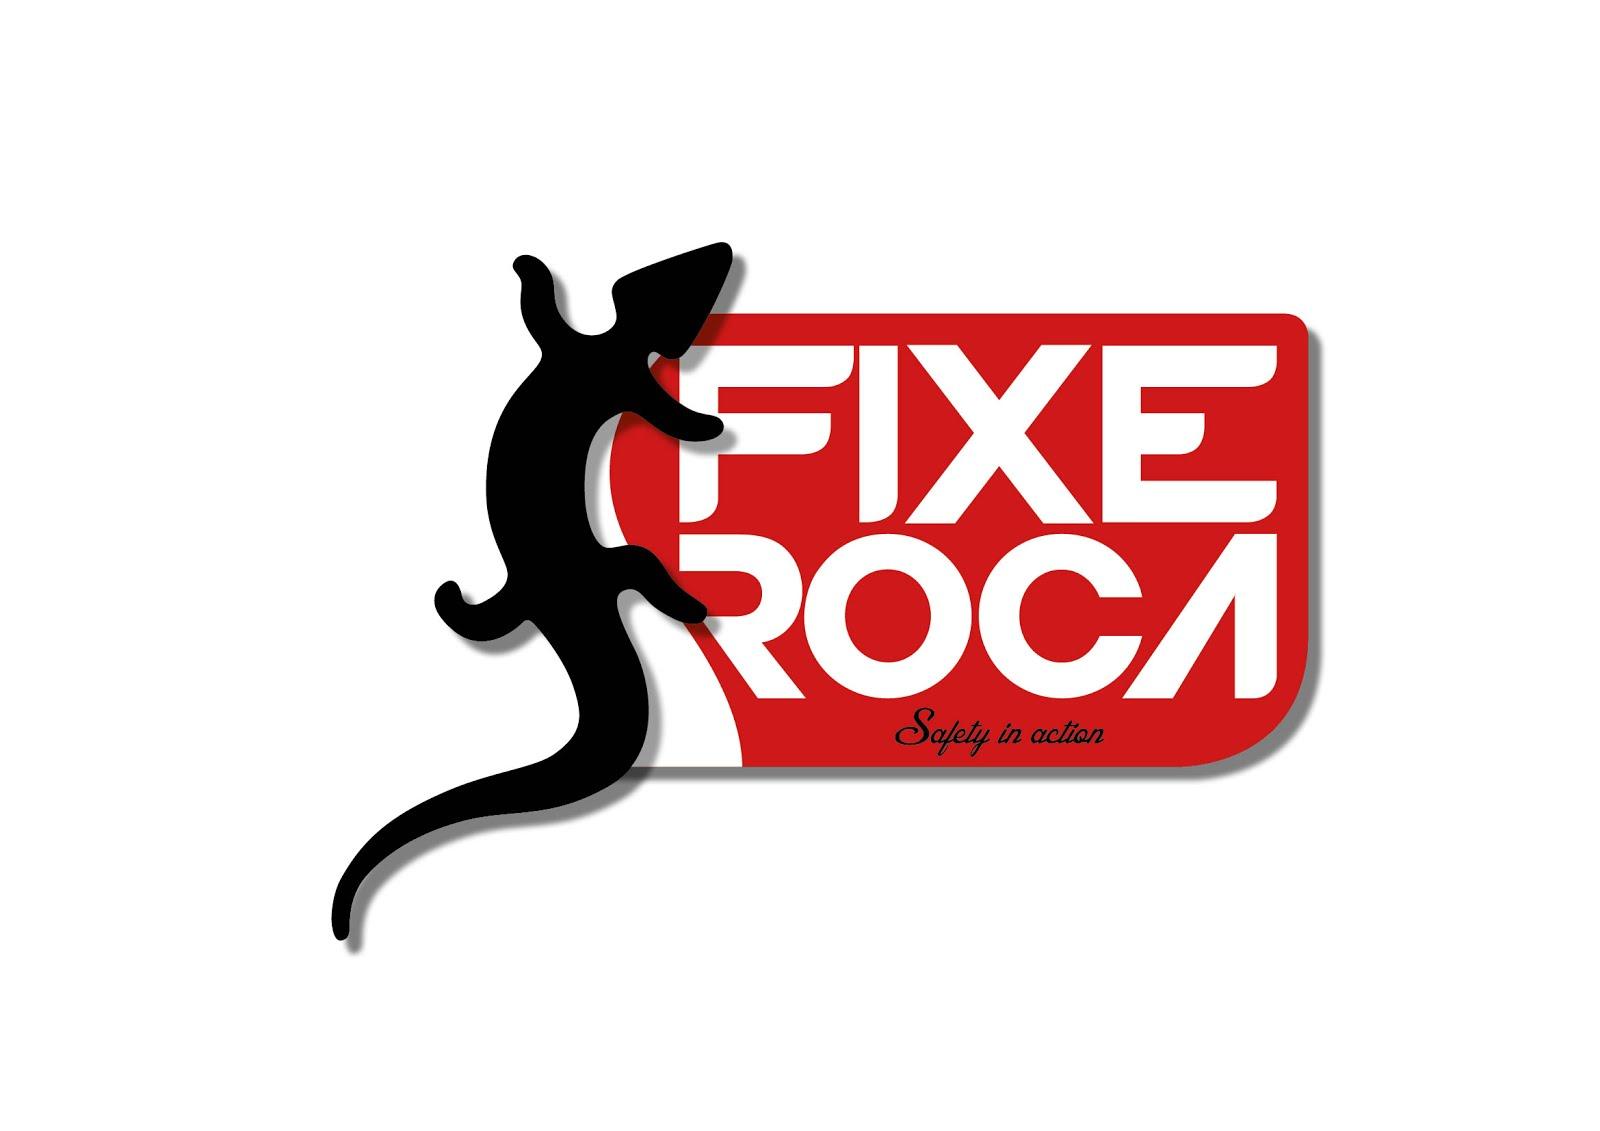 Sponsors: FixeRoca